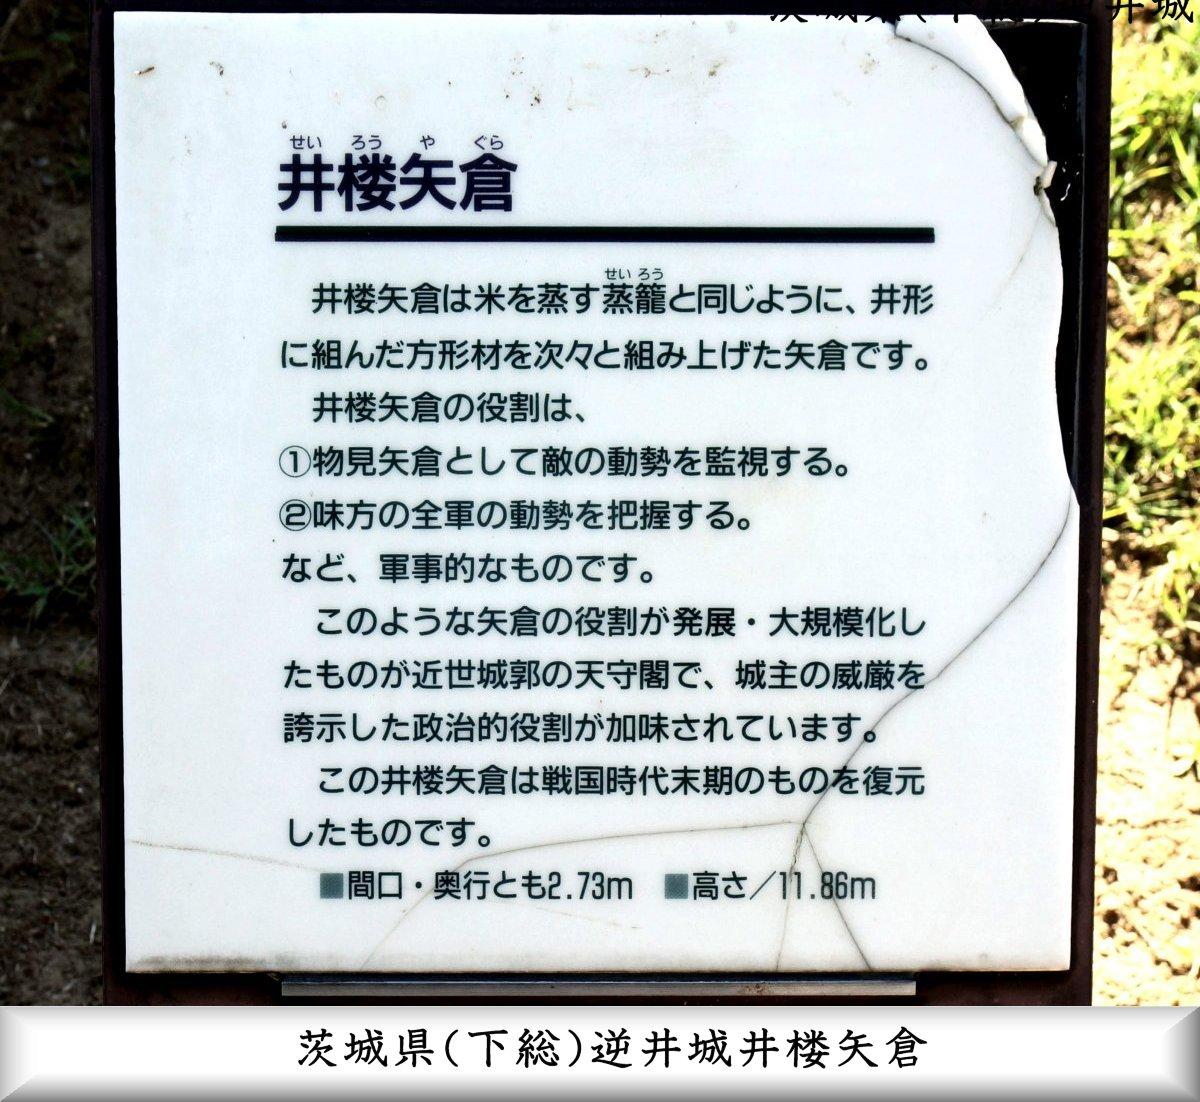 f:id:san-nin-syu:20210416163925j:plain